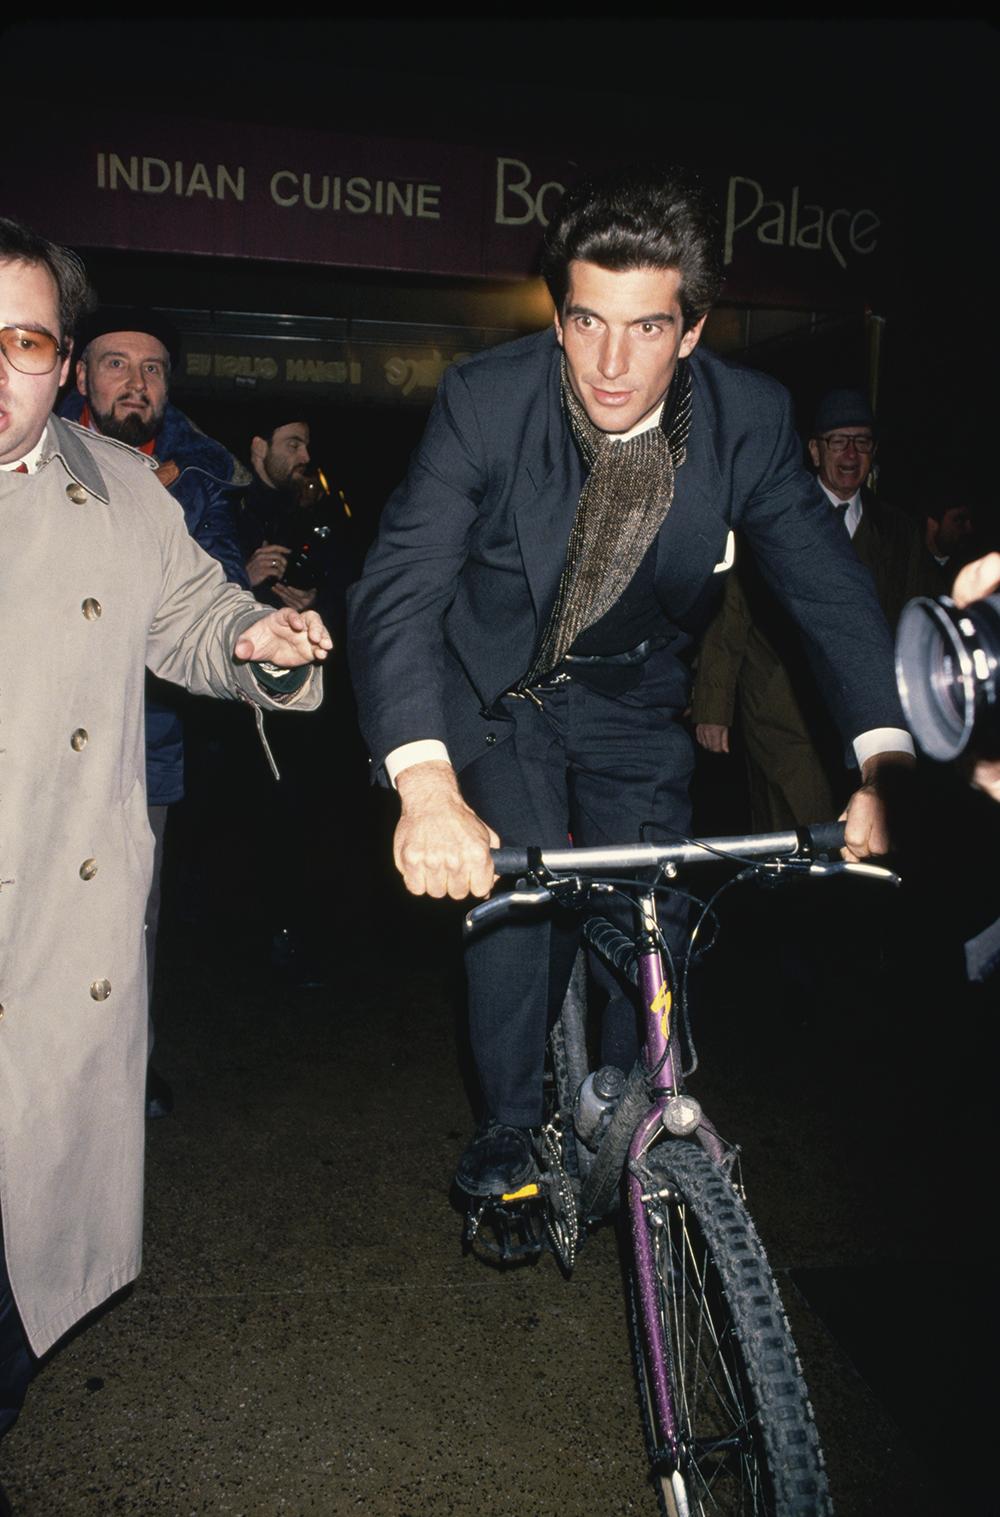 Джон Ф. Кеннеди-младший едет навелосипеде сквозь толпу папарацци